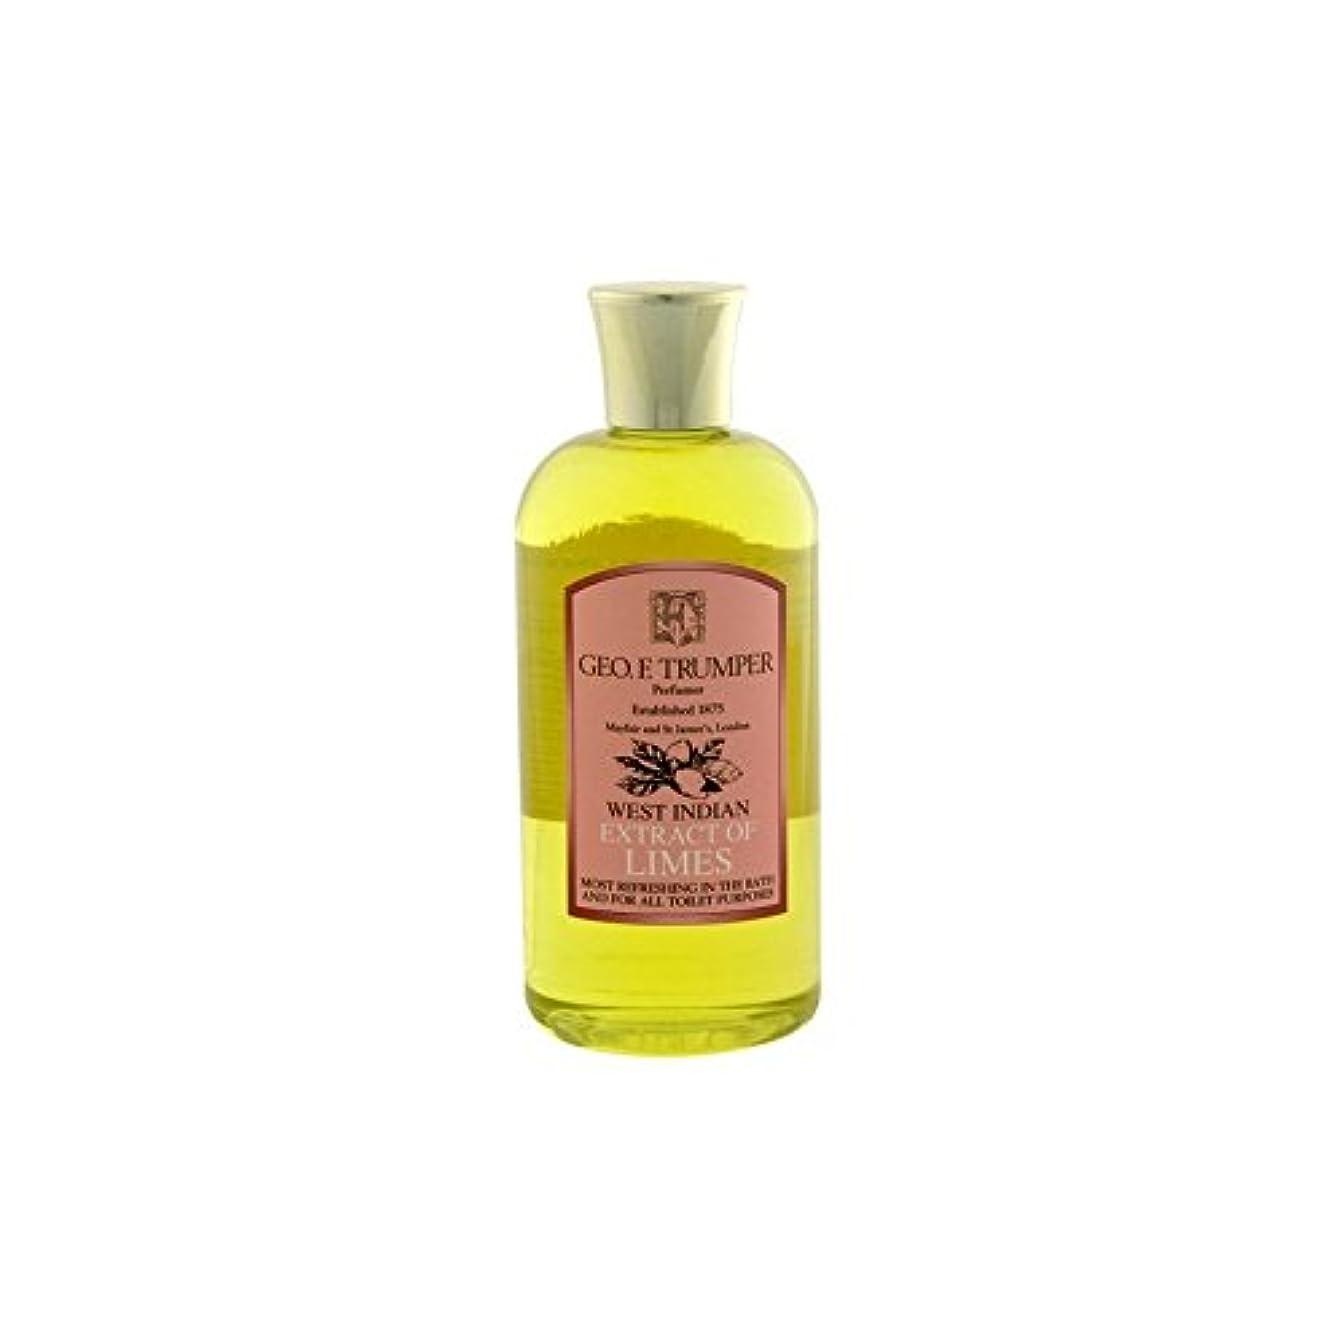 修士号九ブラウザTrumpers Limes Bath & Shower Gel - 500ml Travel - ライムのバス&シャワージェル - 500ミリリットル旅 [並行輸入品]